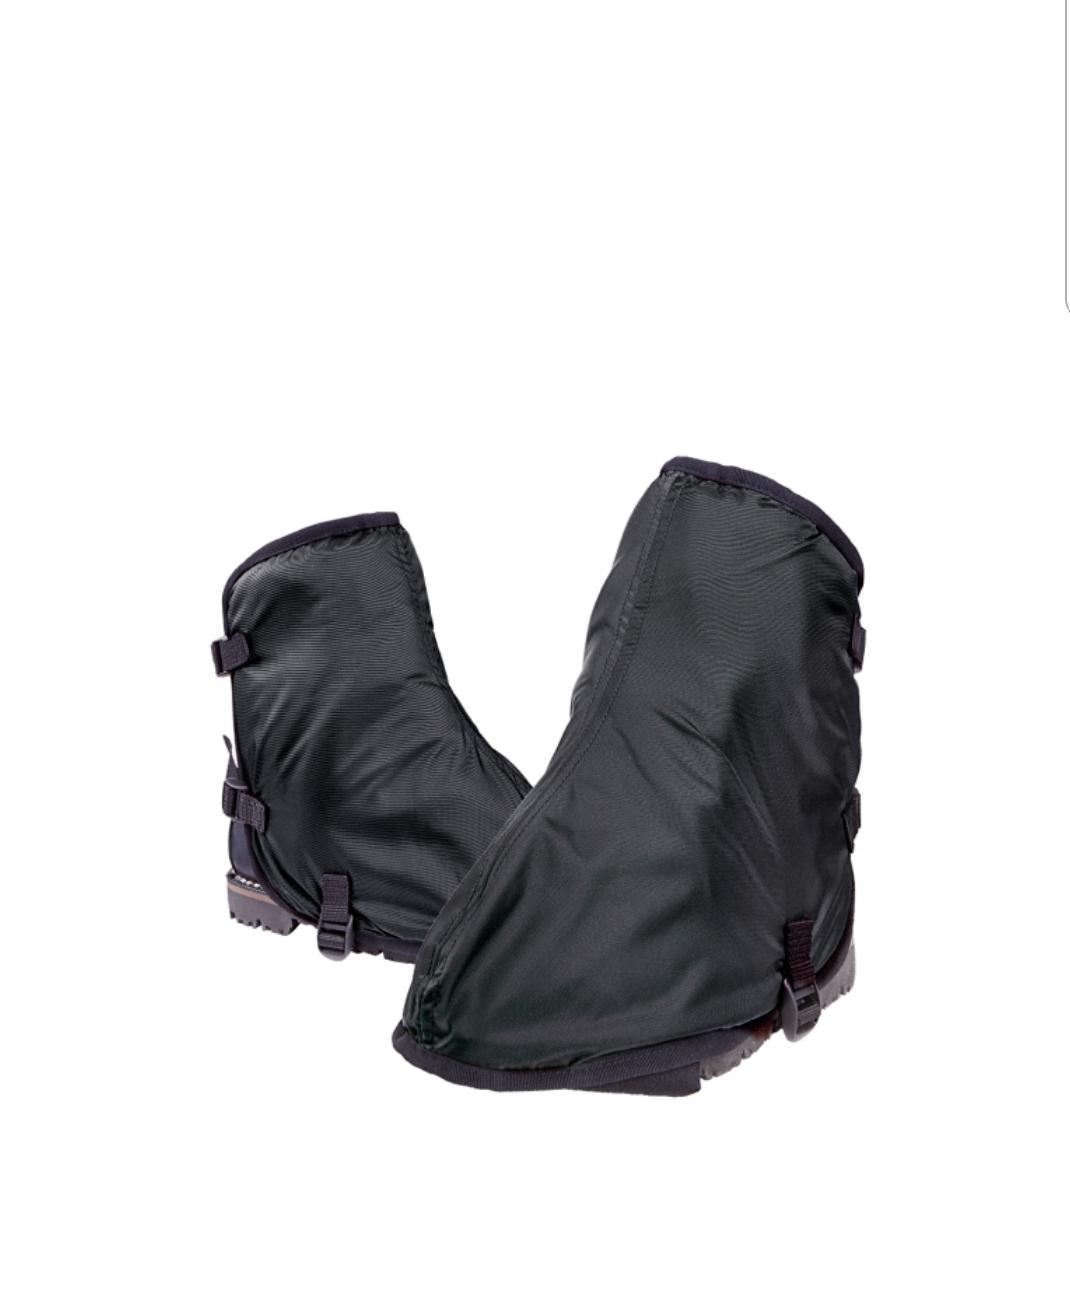 מגני נעליים נגד חיתוך Sip